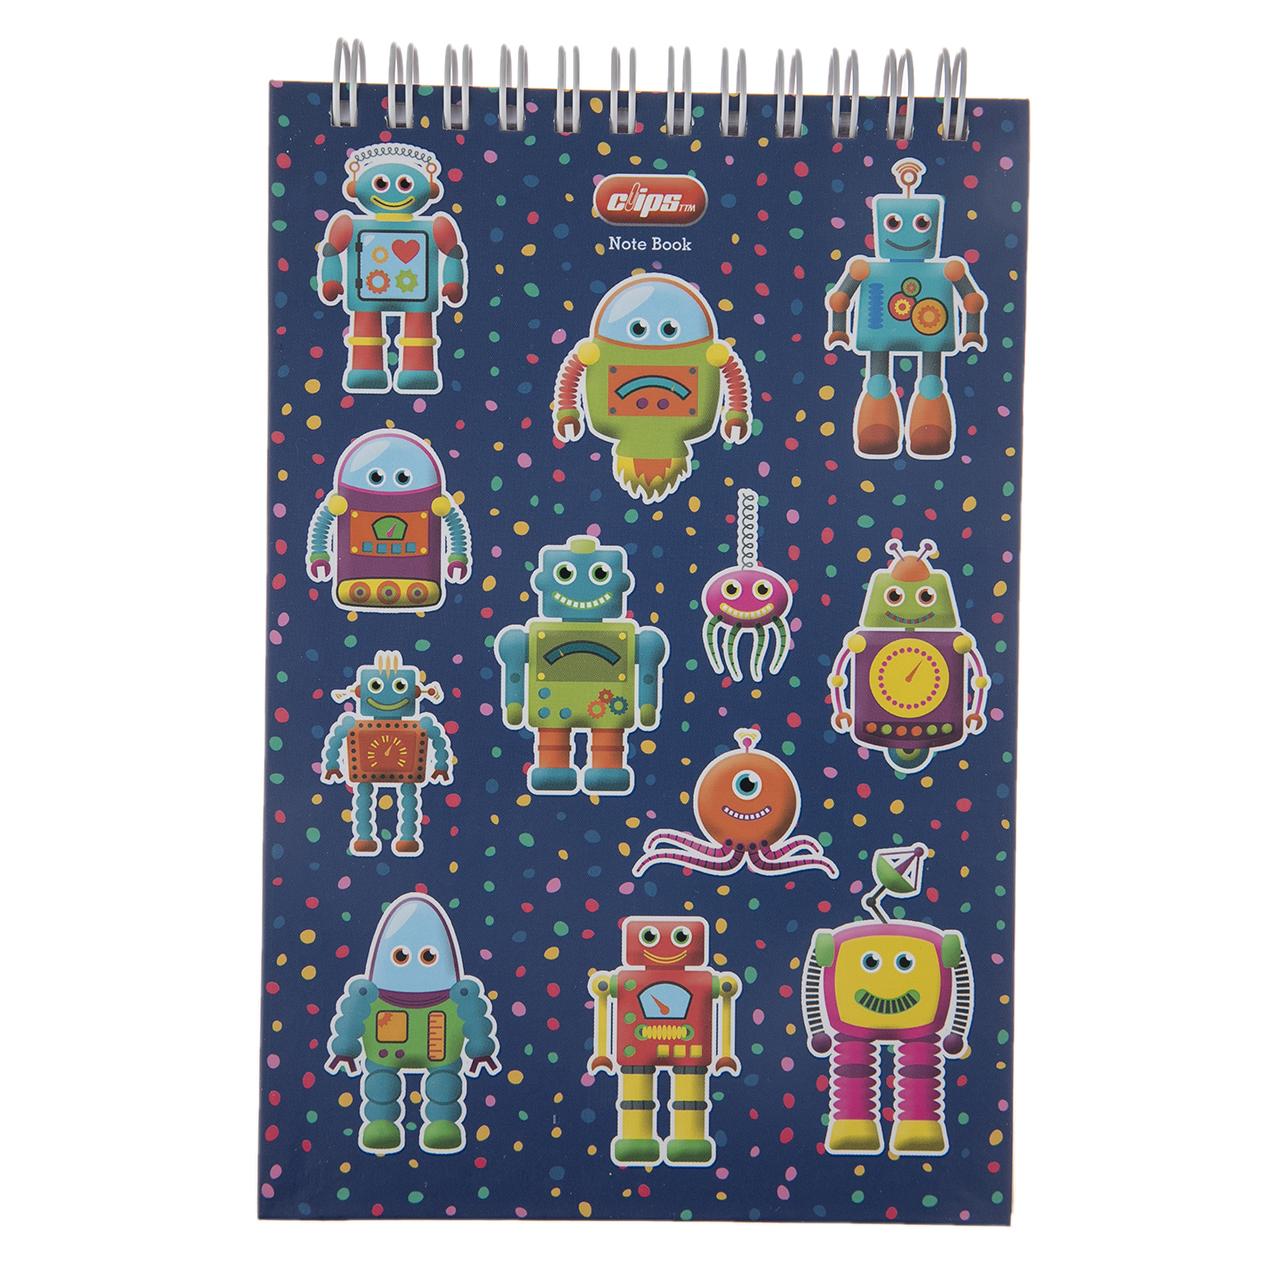 دفترچه یادداشت کلیپس طرح Robot کد 300247